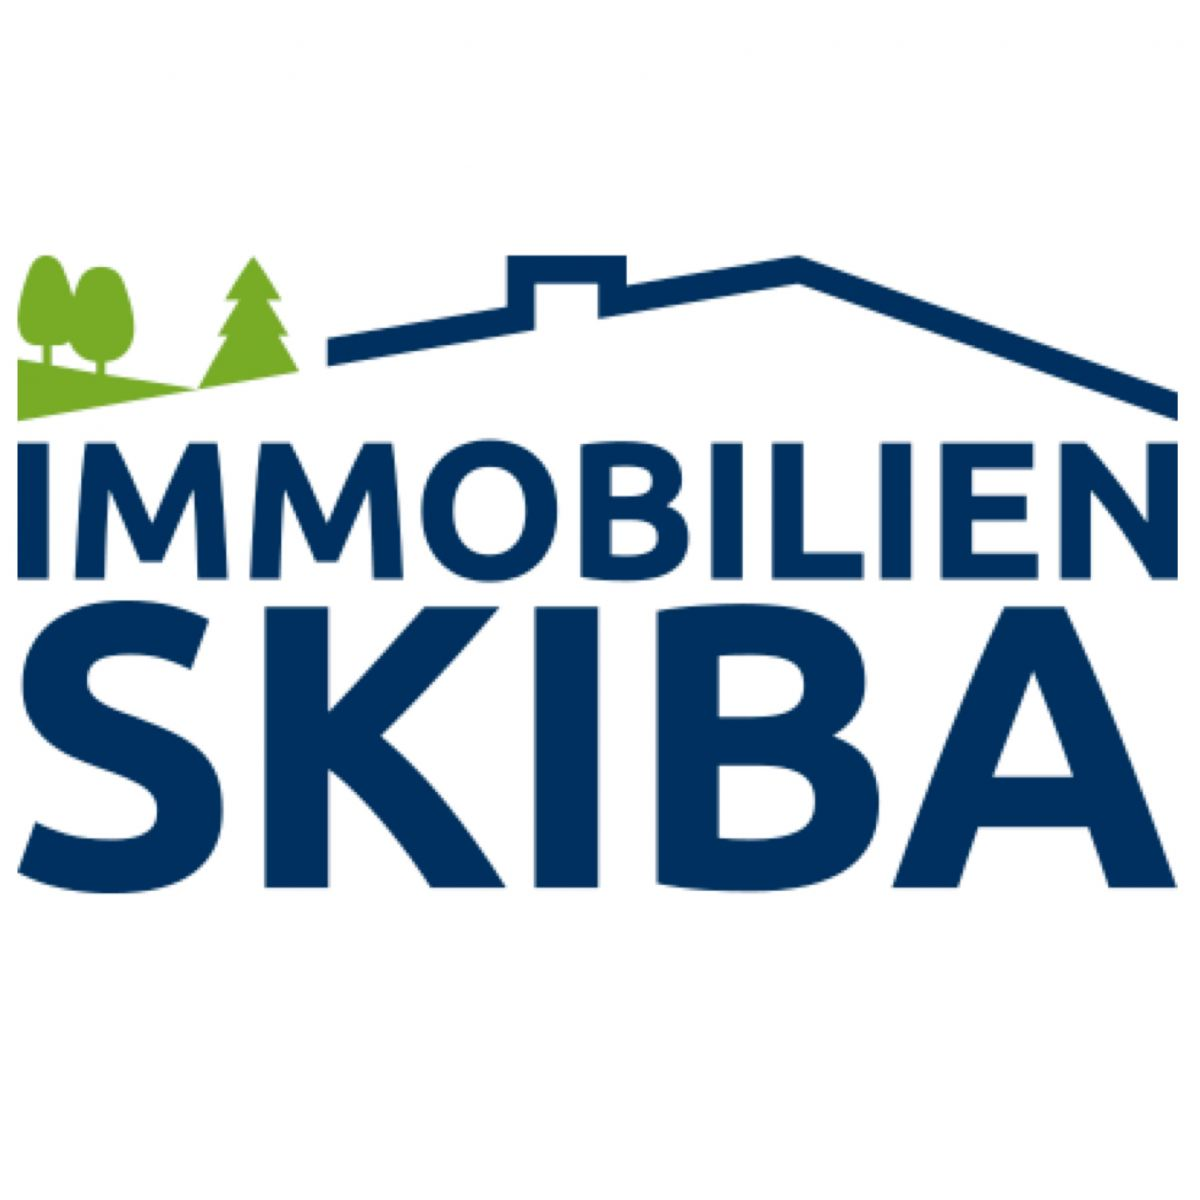 logo-skiba-immobilien-weiss